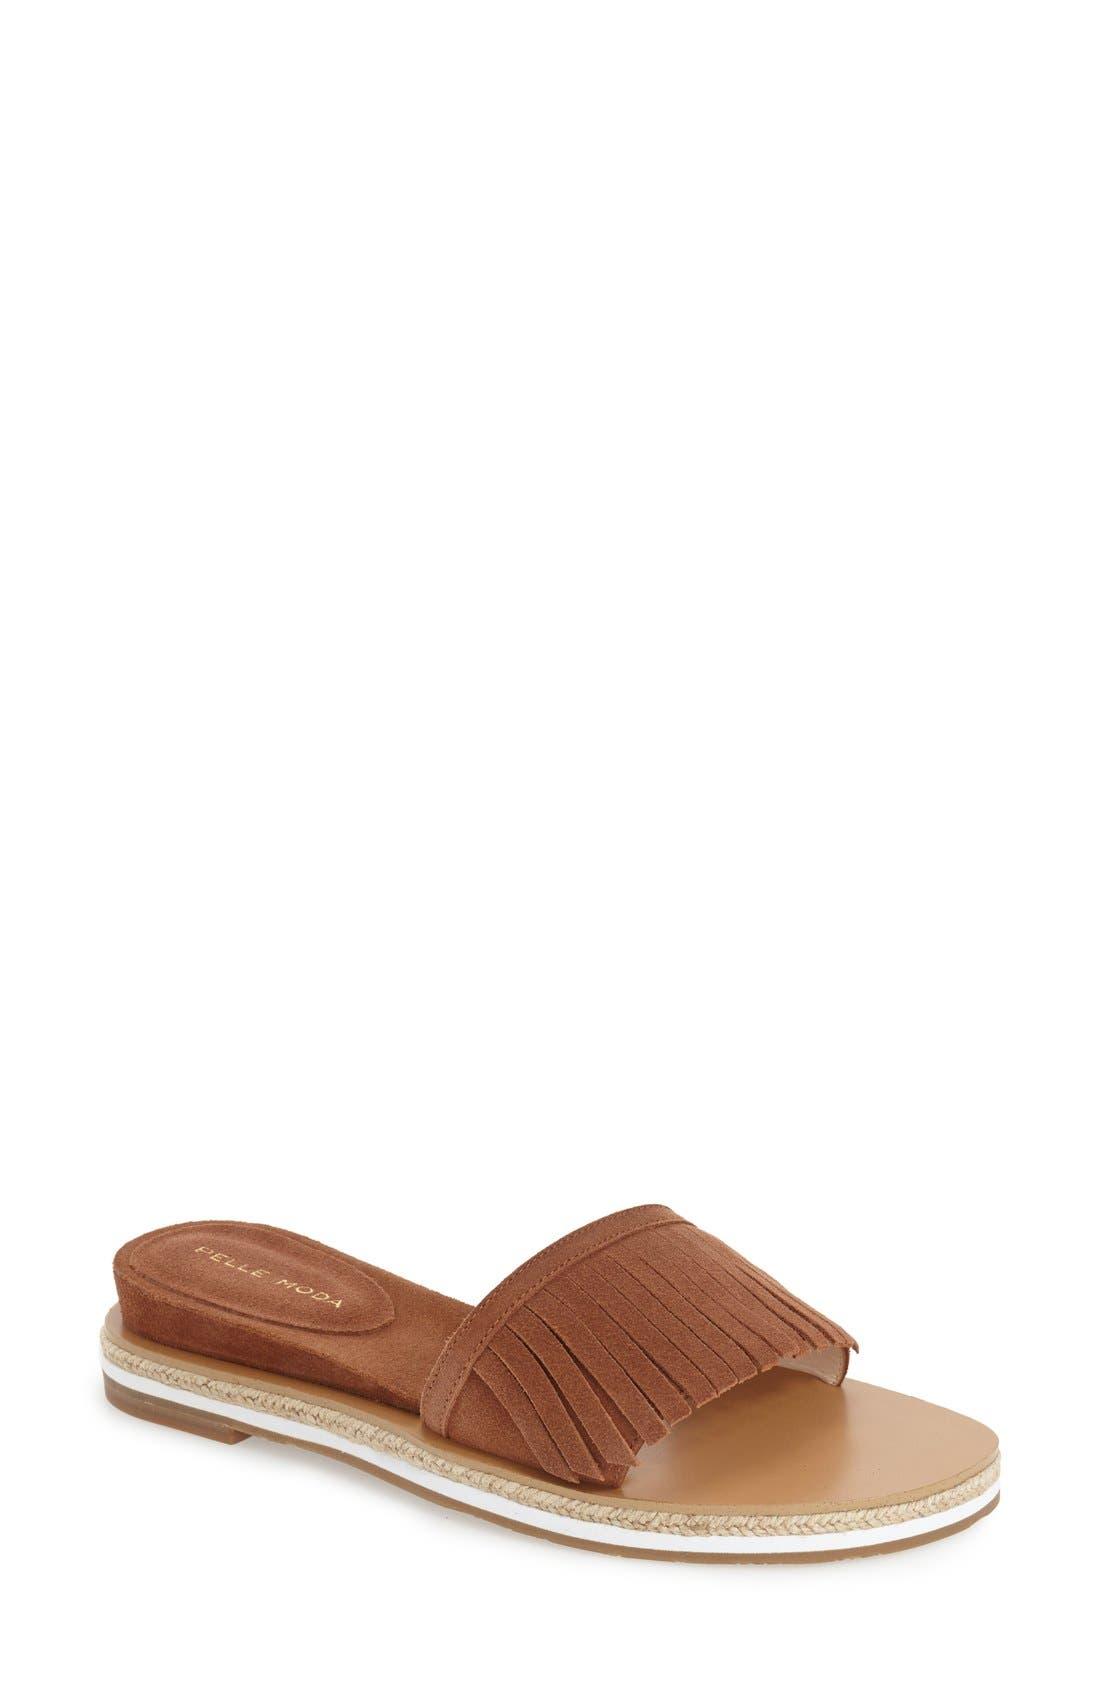 Main Image - Pelle Moda 'Jade' Fringe Slide Sandal (Women)